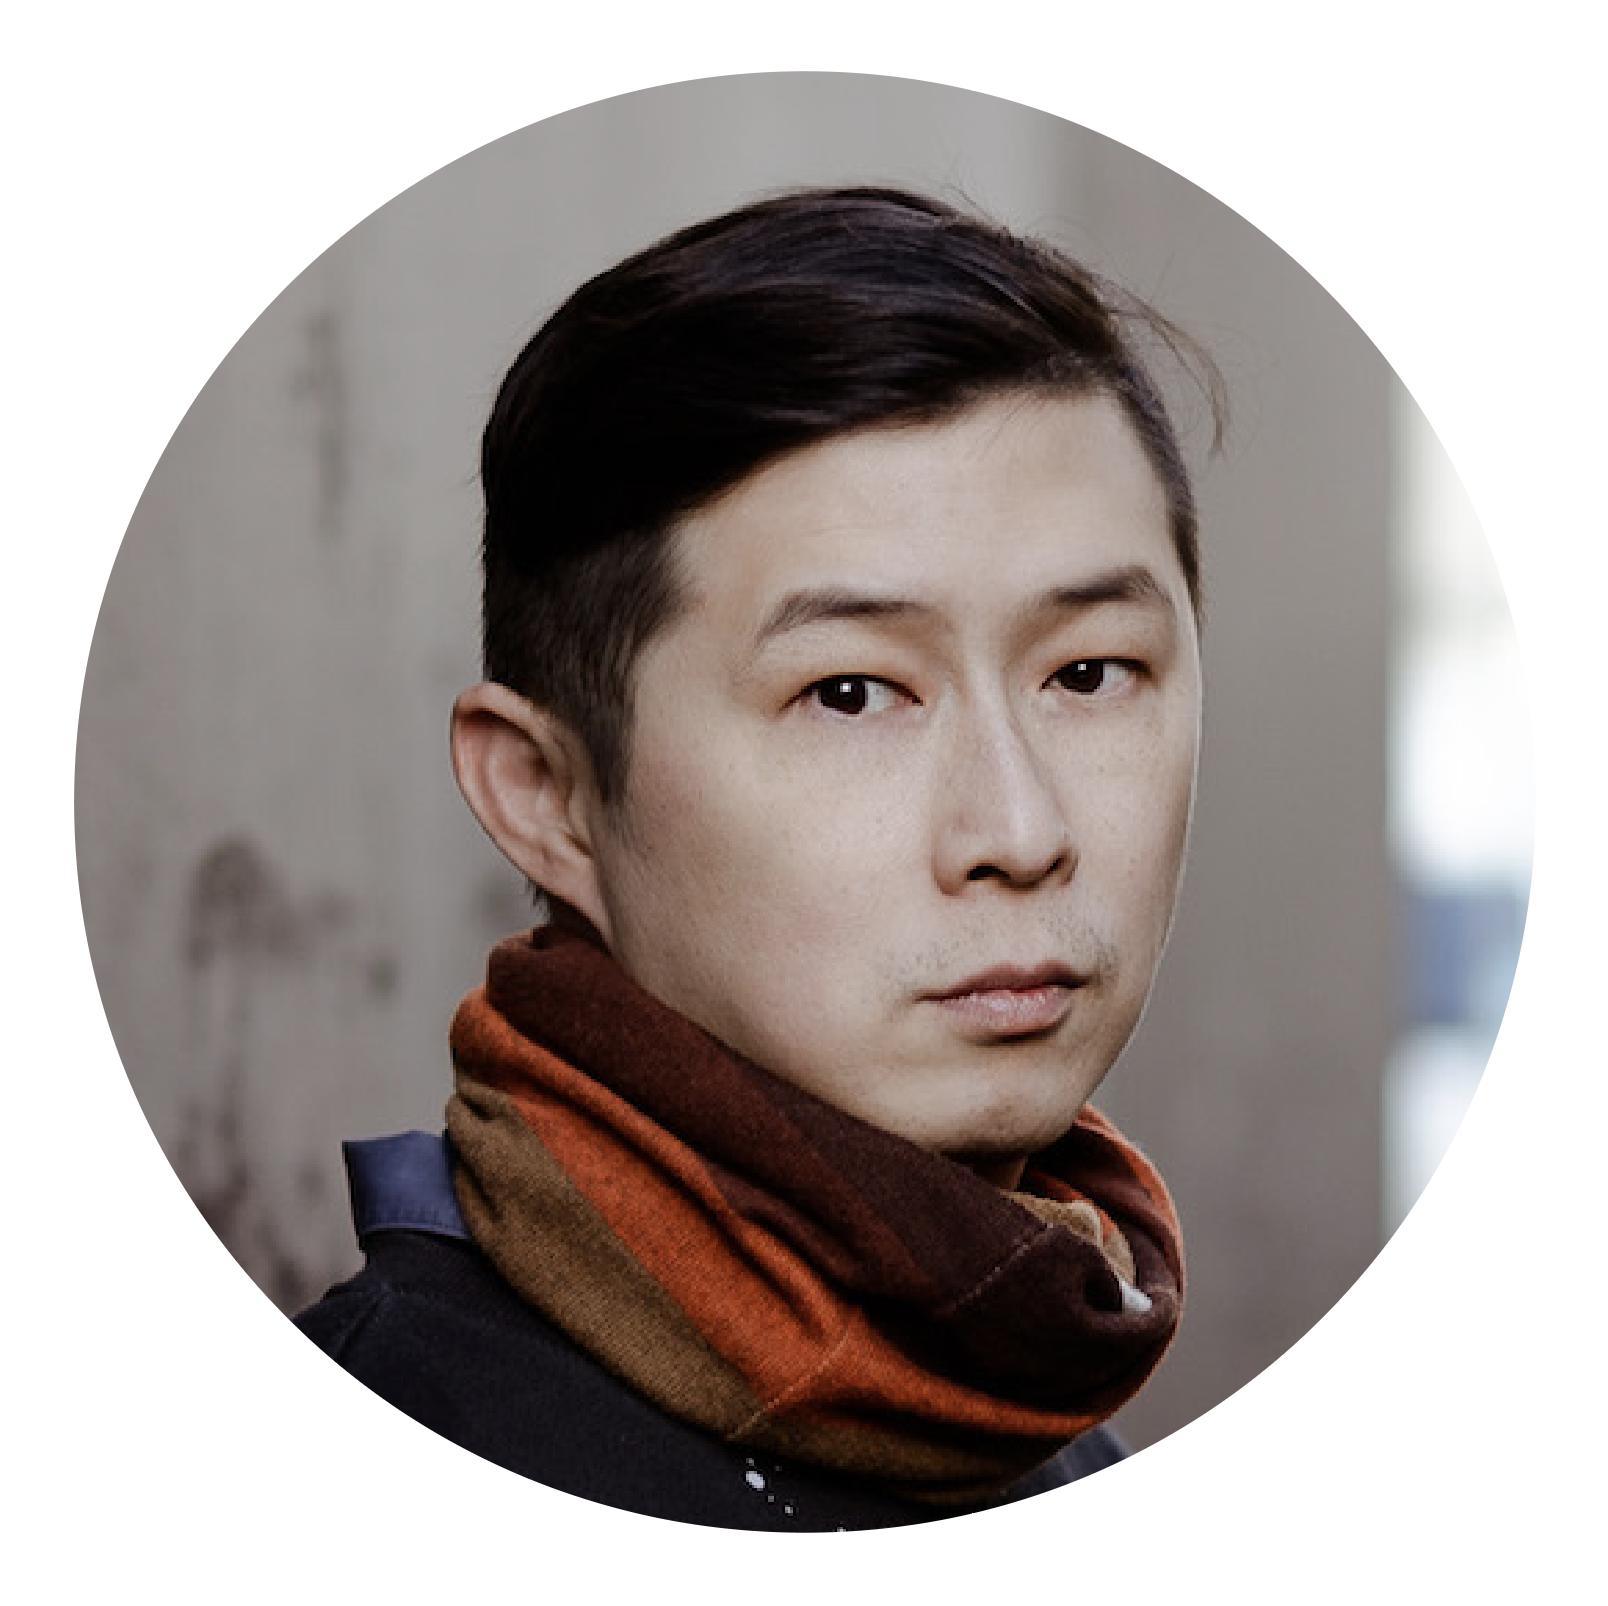 Keith Soo